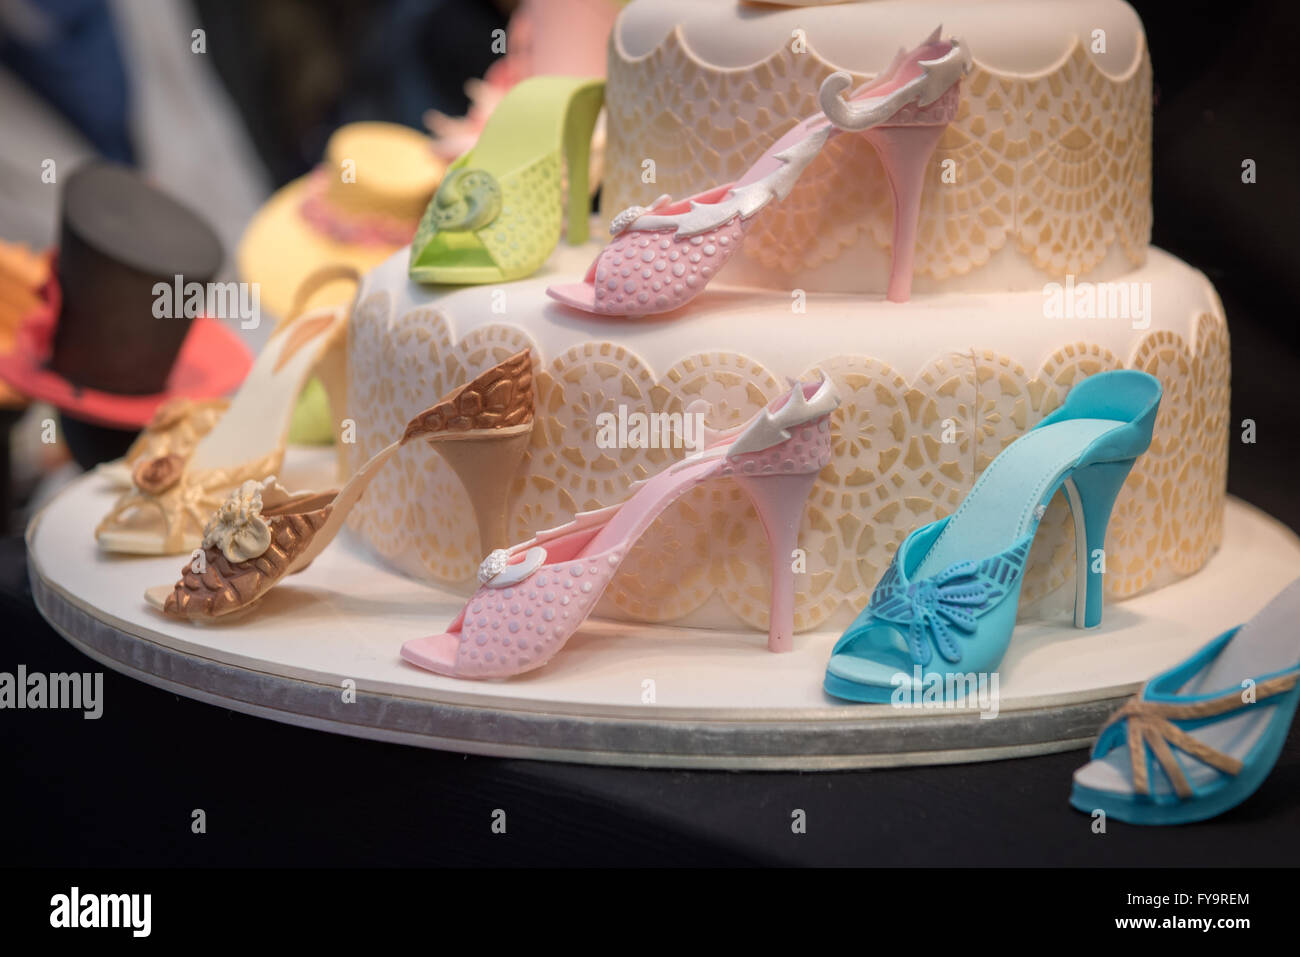 Zapatos De Tacones Altos Comestibles Tarta De Cumpleaños